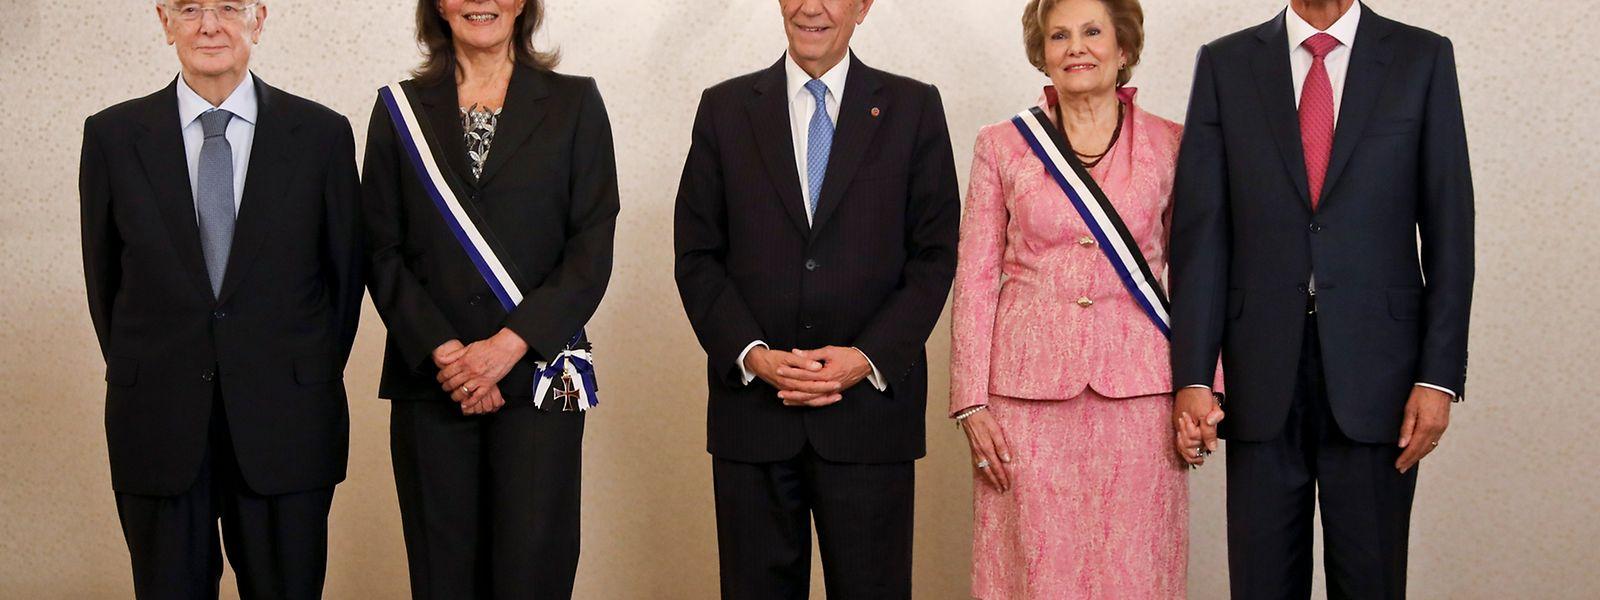 O Presidente da República, Marcelo Rebelo de Sousa (C) ladeado pelo ex-Presidente Cavaco Silva (D) e pelo antigo Presidente Jorge Sampaio (E) após agraciar as antigas primeiras damas Maria José Ritta (2E) e Maria Cavaco Silva (2D), numa cerimónia realizada no Palácio de Belém, em lisboa, 9 de março de 2017. JOÃO RELVAS/LUSA